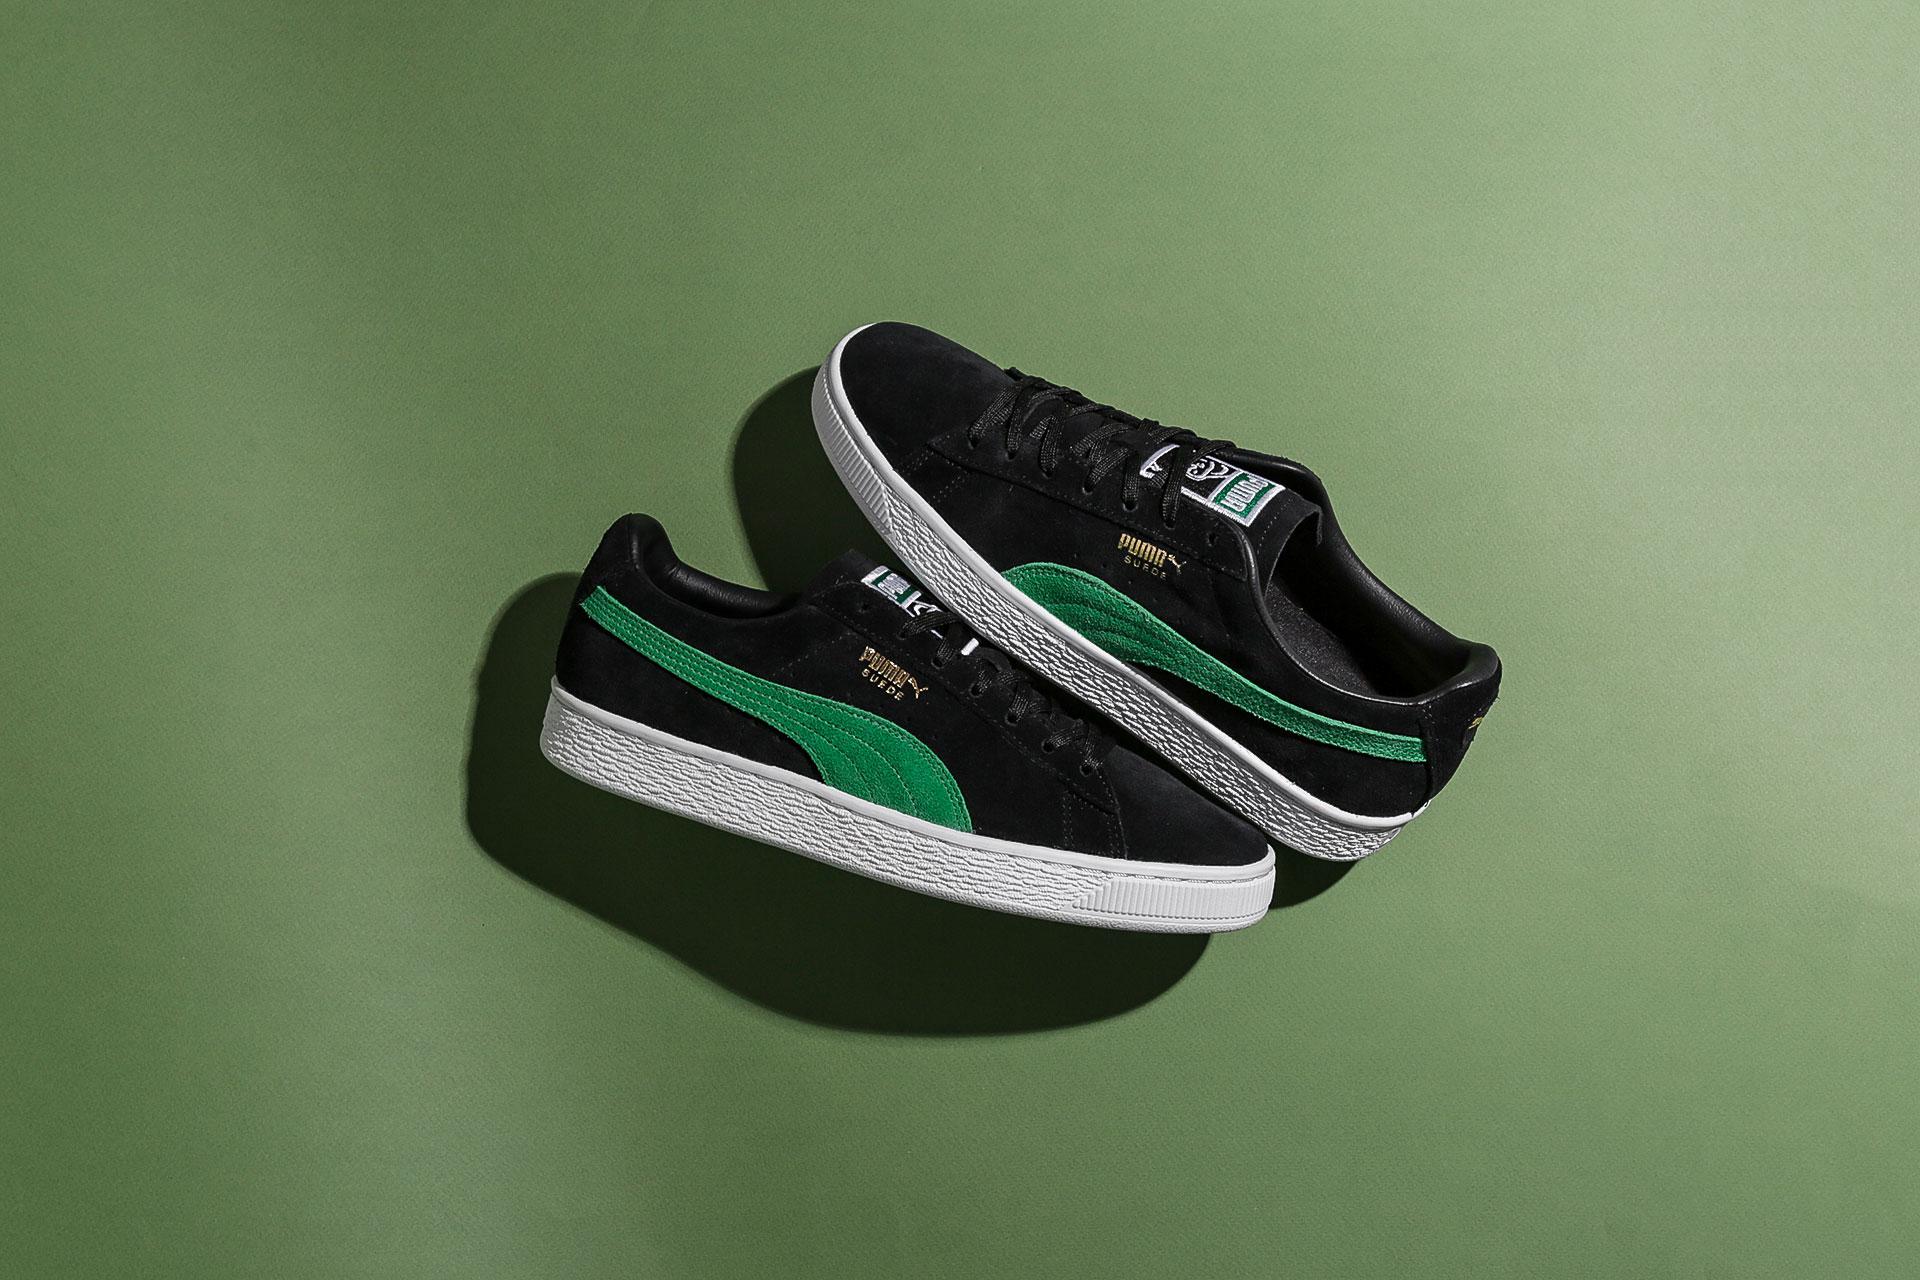 53d4660f81a701 Купить черные мужские кроссовки Suede Classic x XLARGE от PUMA ...